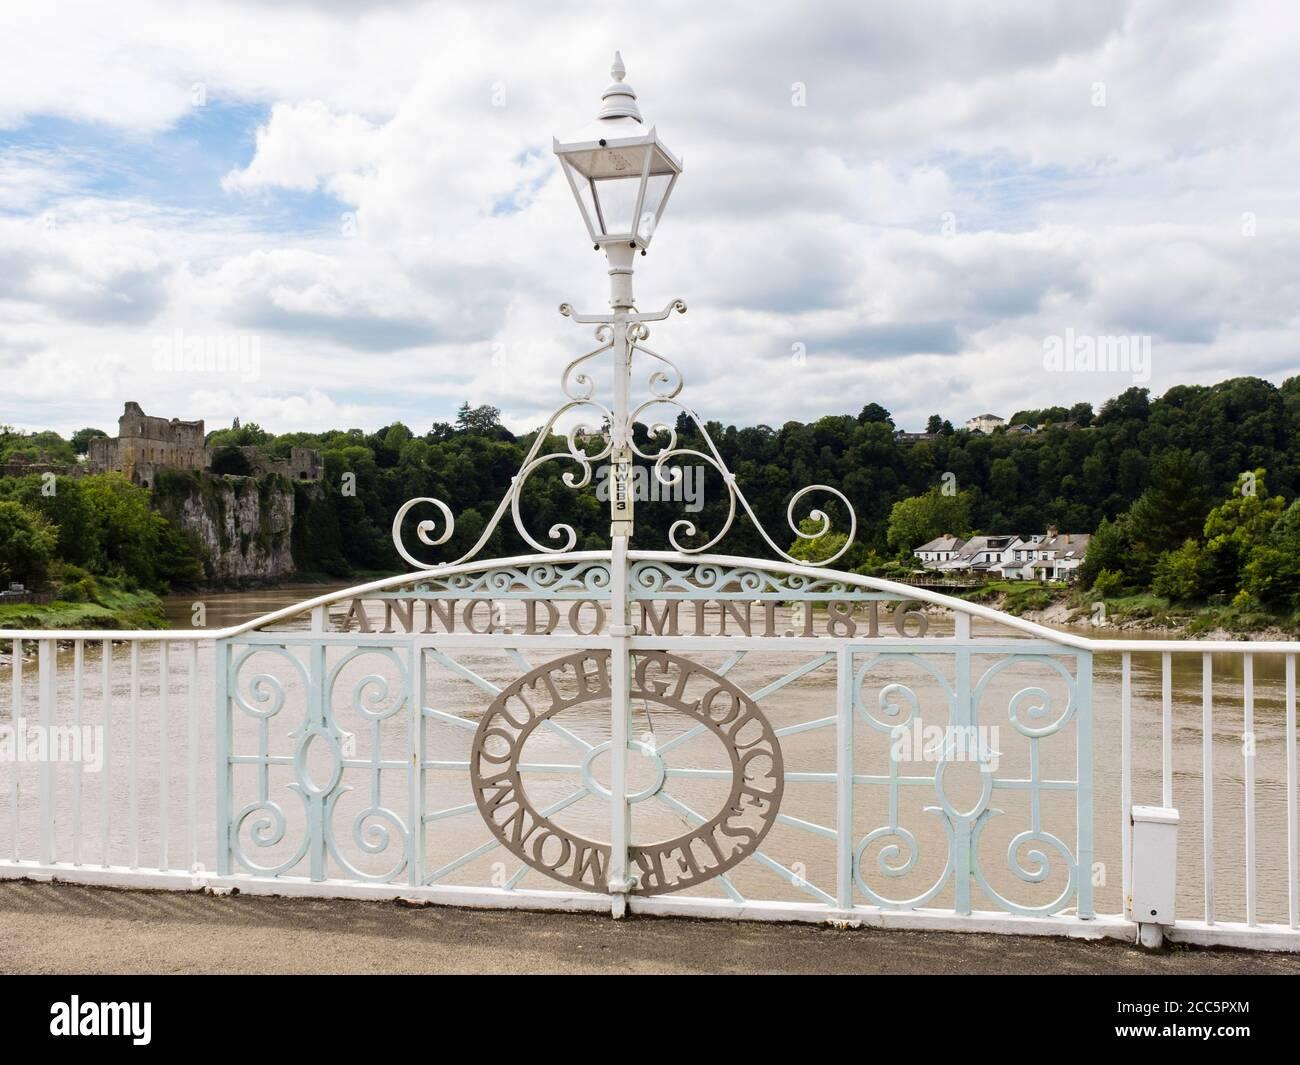 Nombres de los límites del condado en Old Wye Bridge (1816) que se extiende a través del río Wye en la frontera entre Inglaterra y Gales. Tutshill, Gloucestershire, Inglaterra, Reino Unido Foto de stock